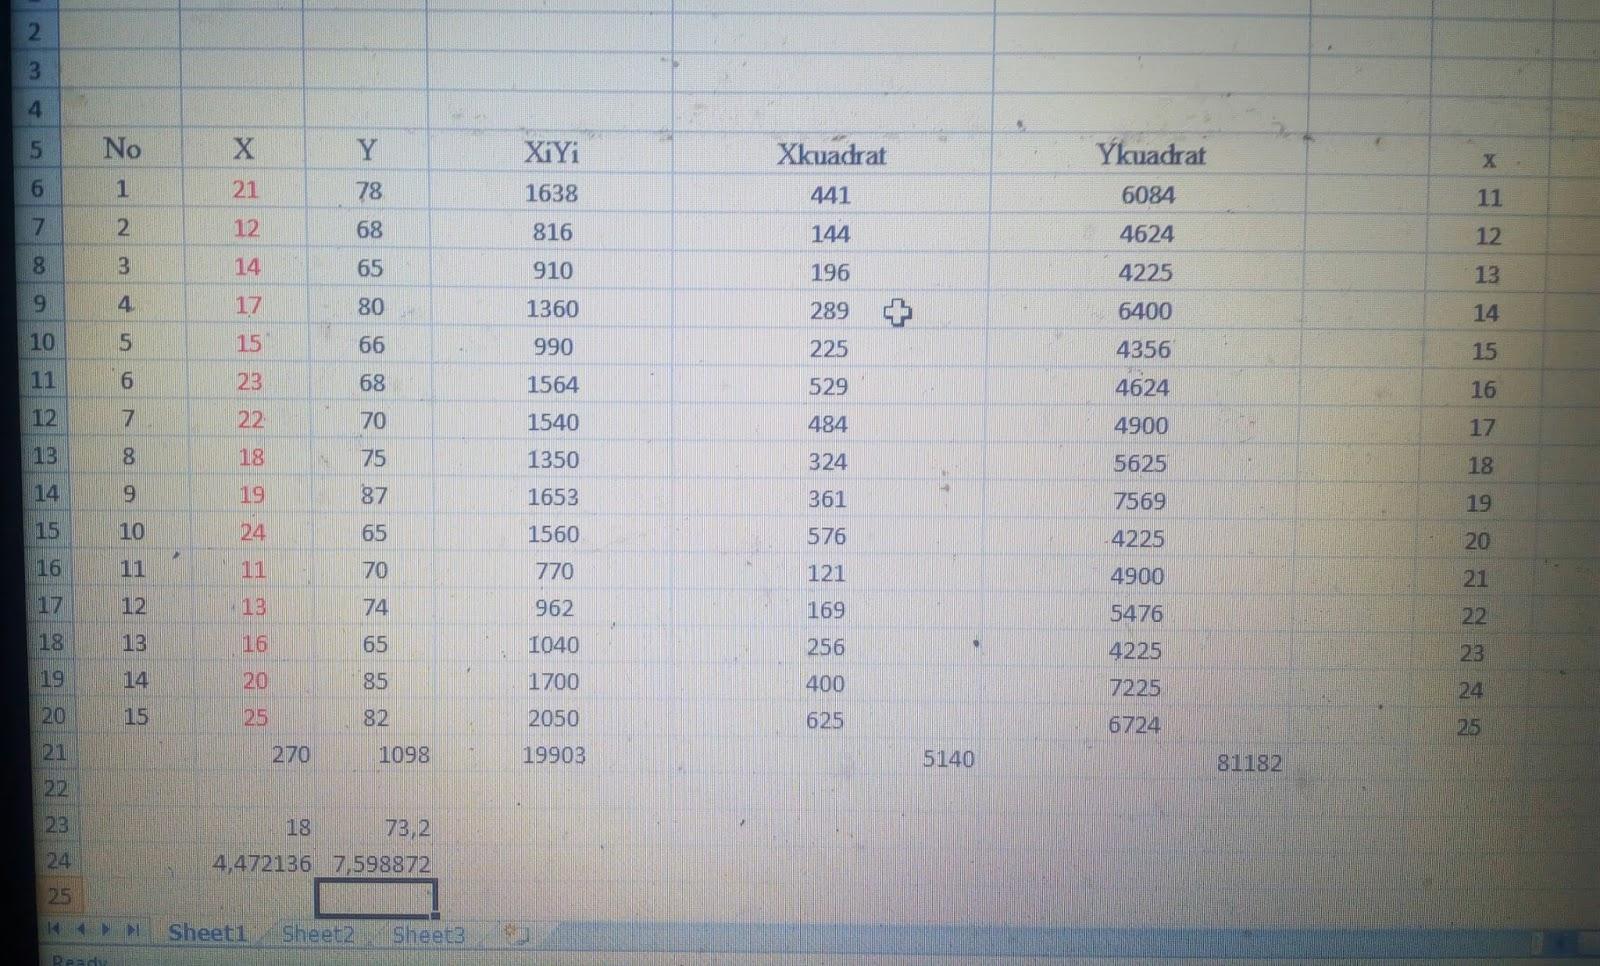 Soal Latihan 9 Statistik Terapan Dan Referensi Jawaban Menurut Penulis Dosen Dr Fauziana